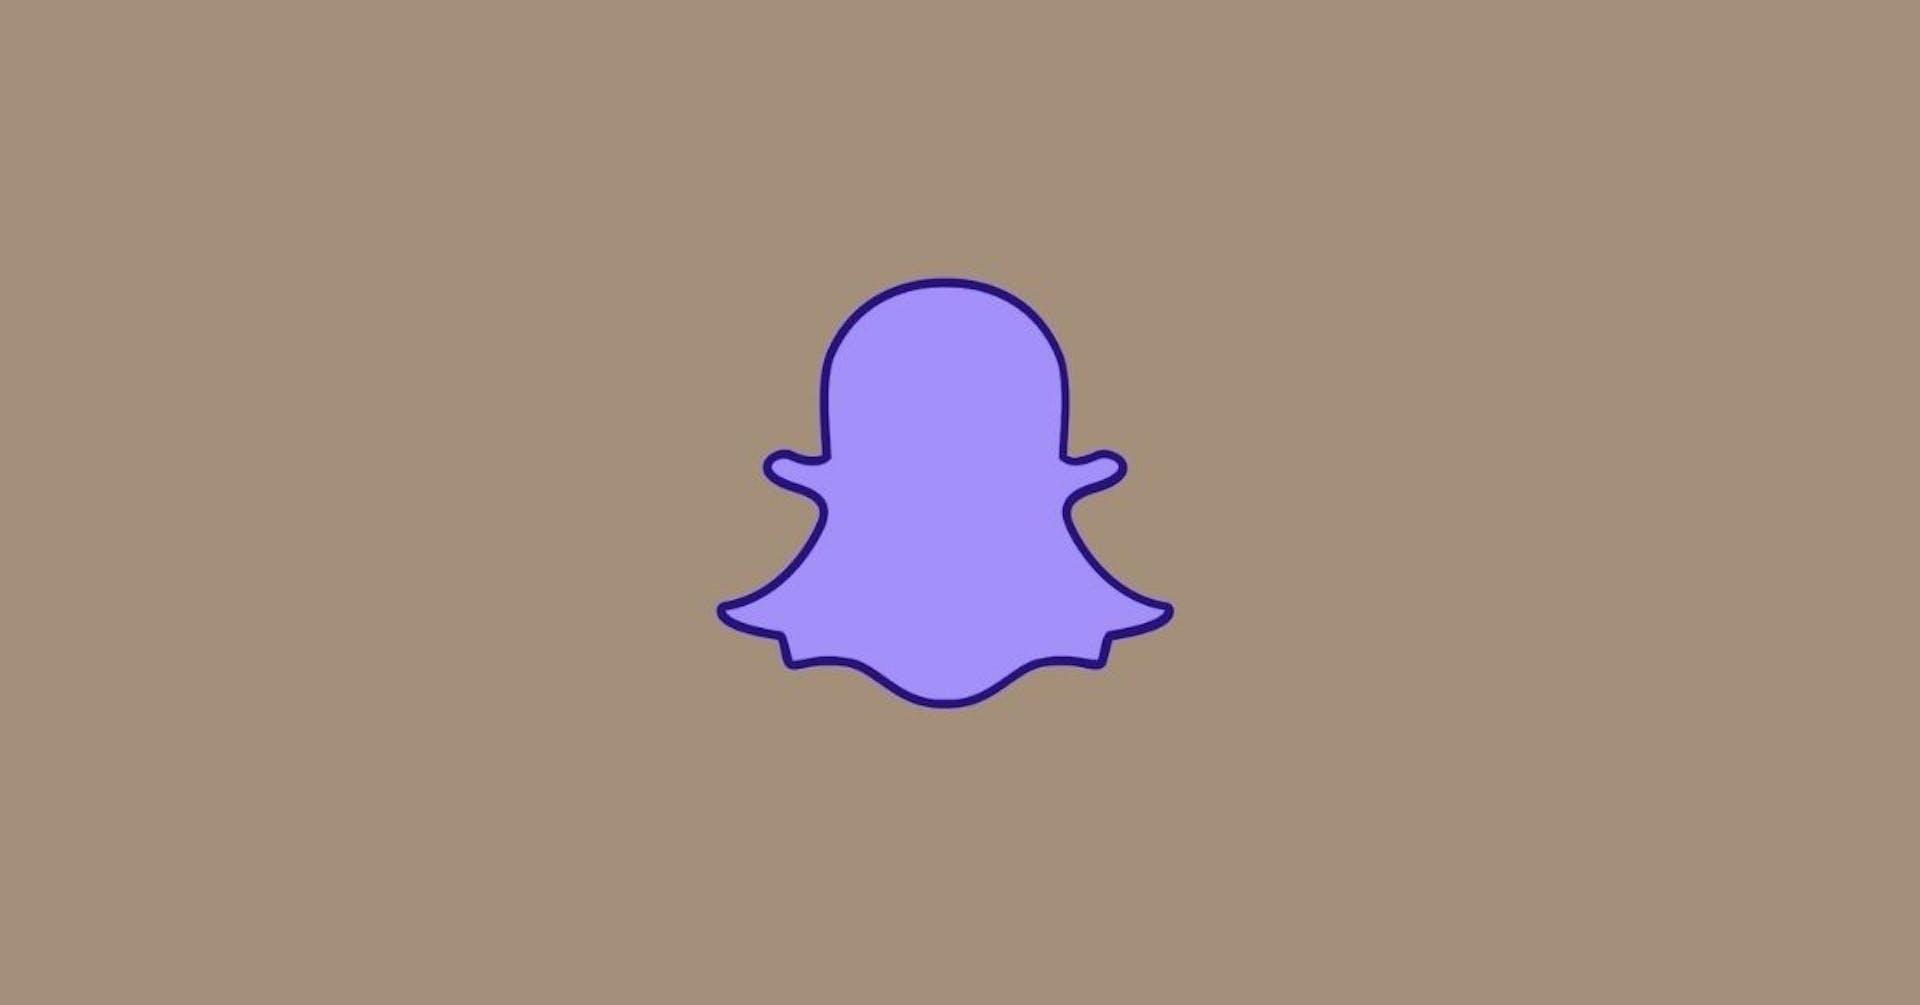 ¿Cómo recuperar fotos de Snapchat? Métodos sencillos y rápidos